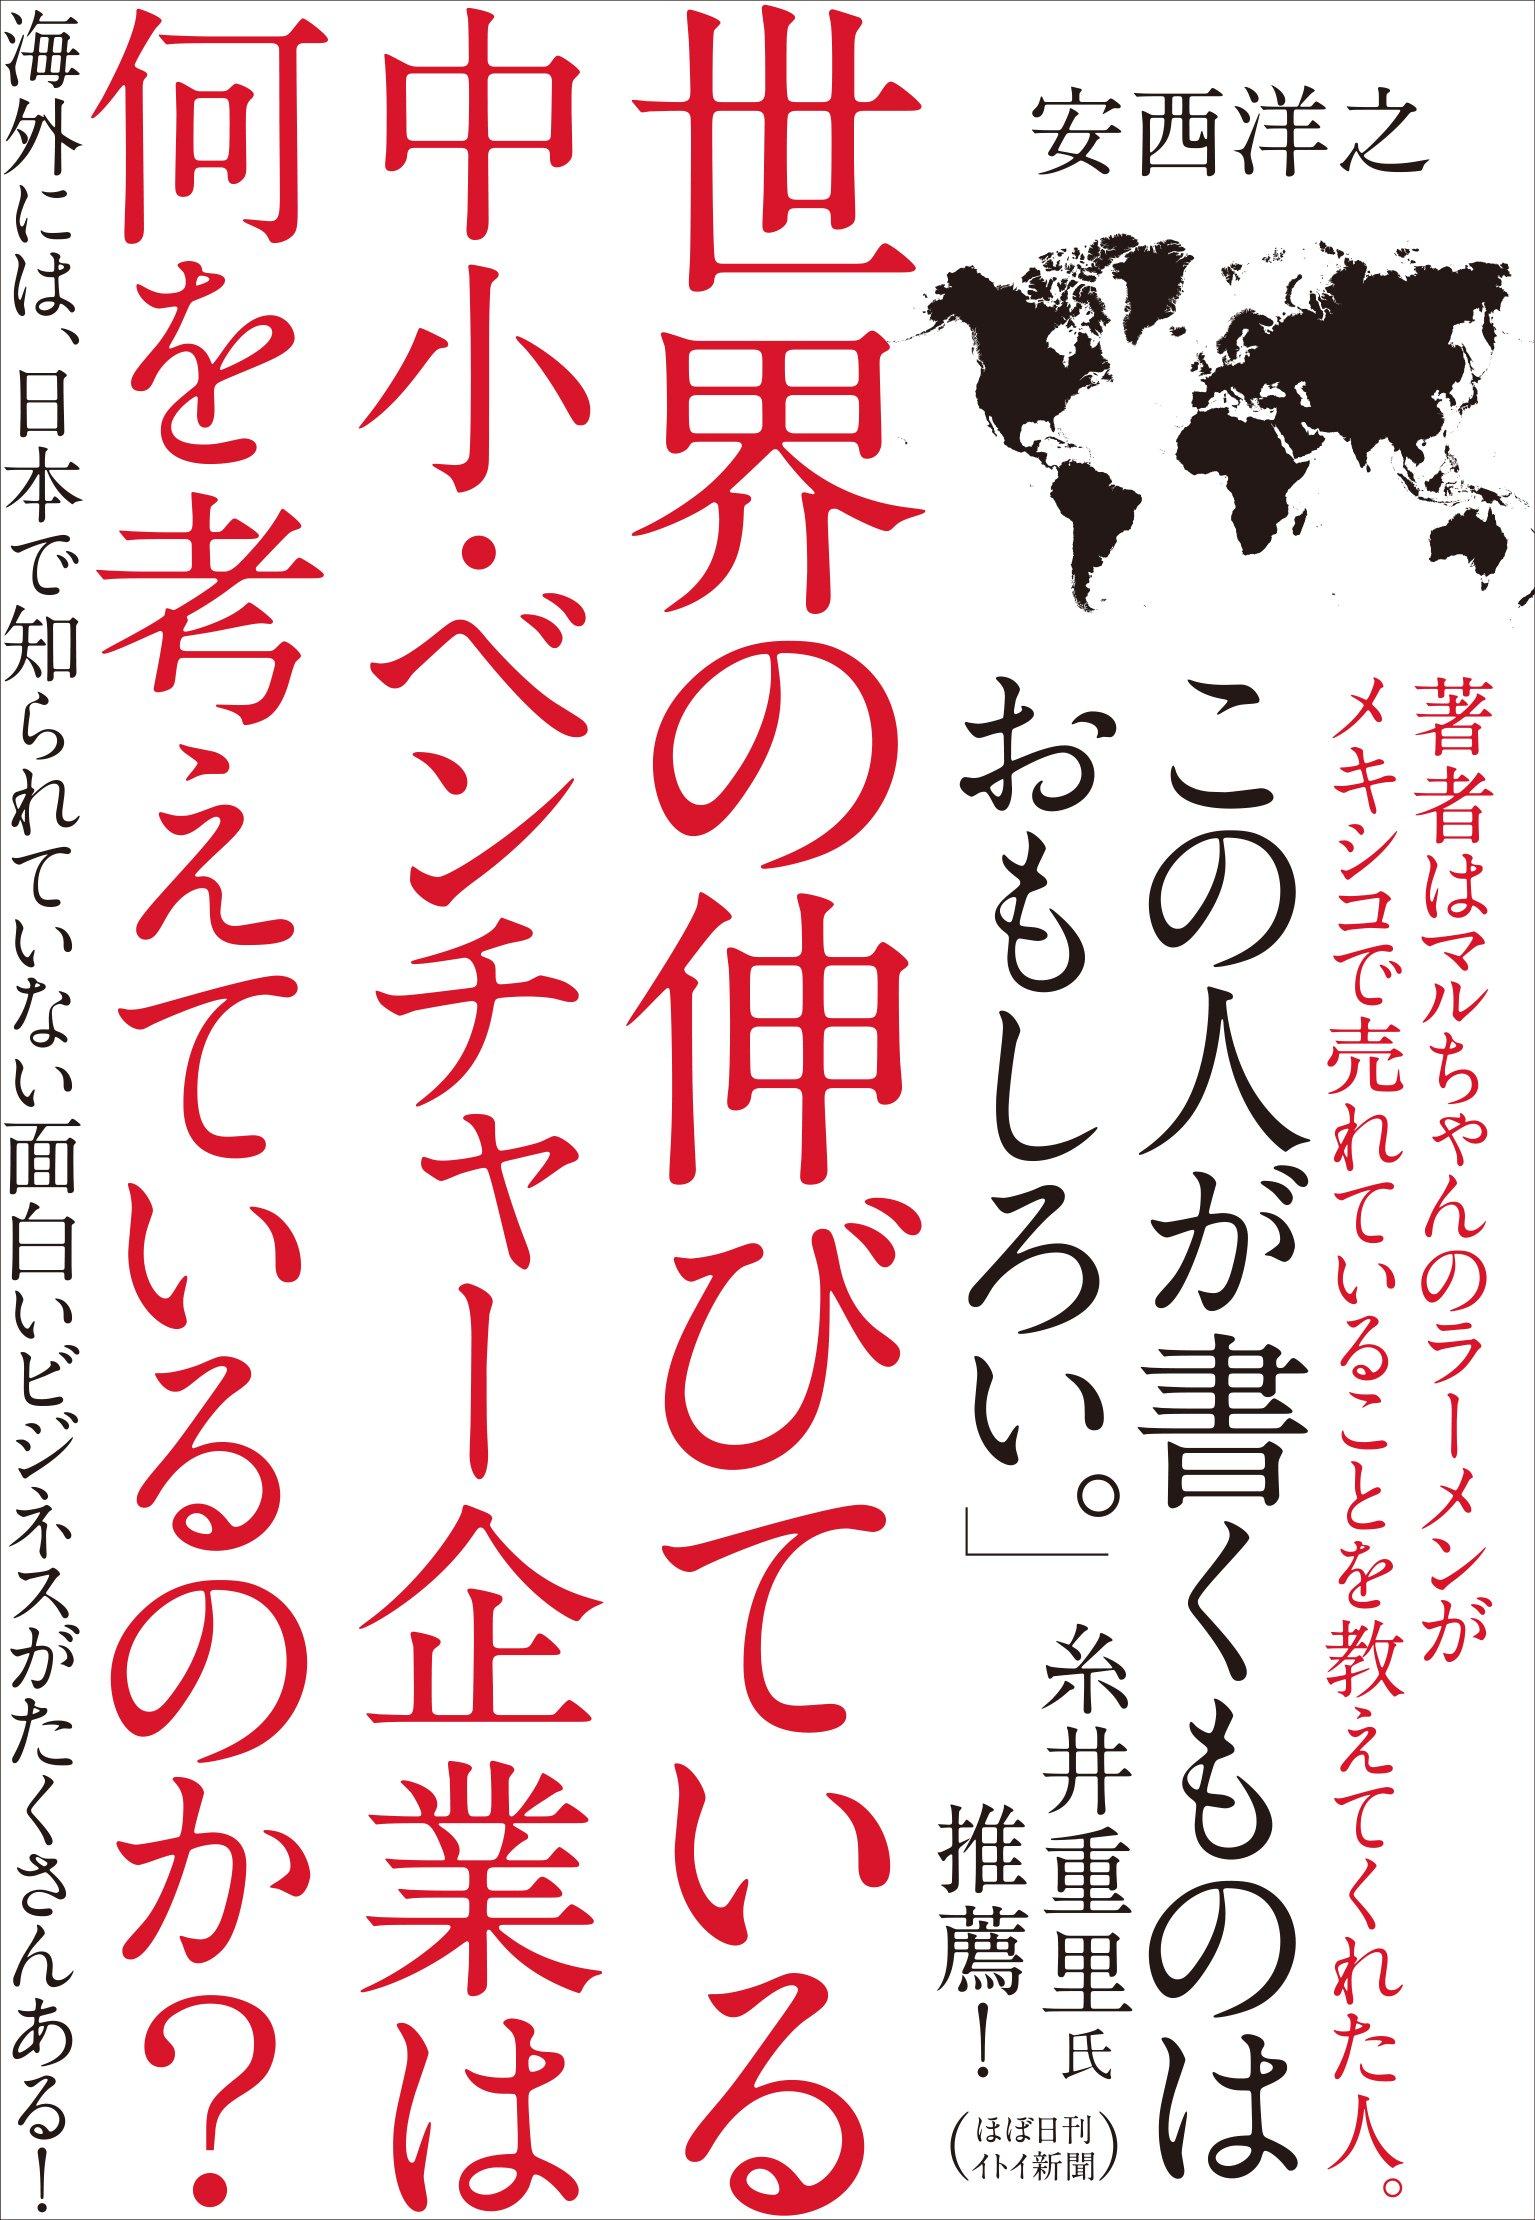 Download Sekai no nobite iru chusho bencha kigyo wa nani o kangaete iru noka : Kaigai niwa nihon de shirarete inai omoshiroi bijinesu ga takusan aru. PDF